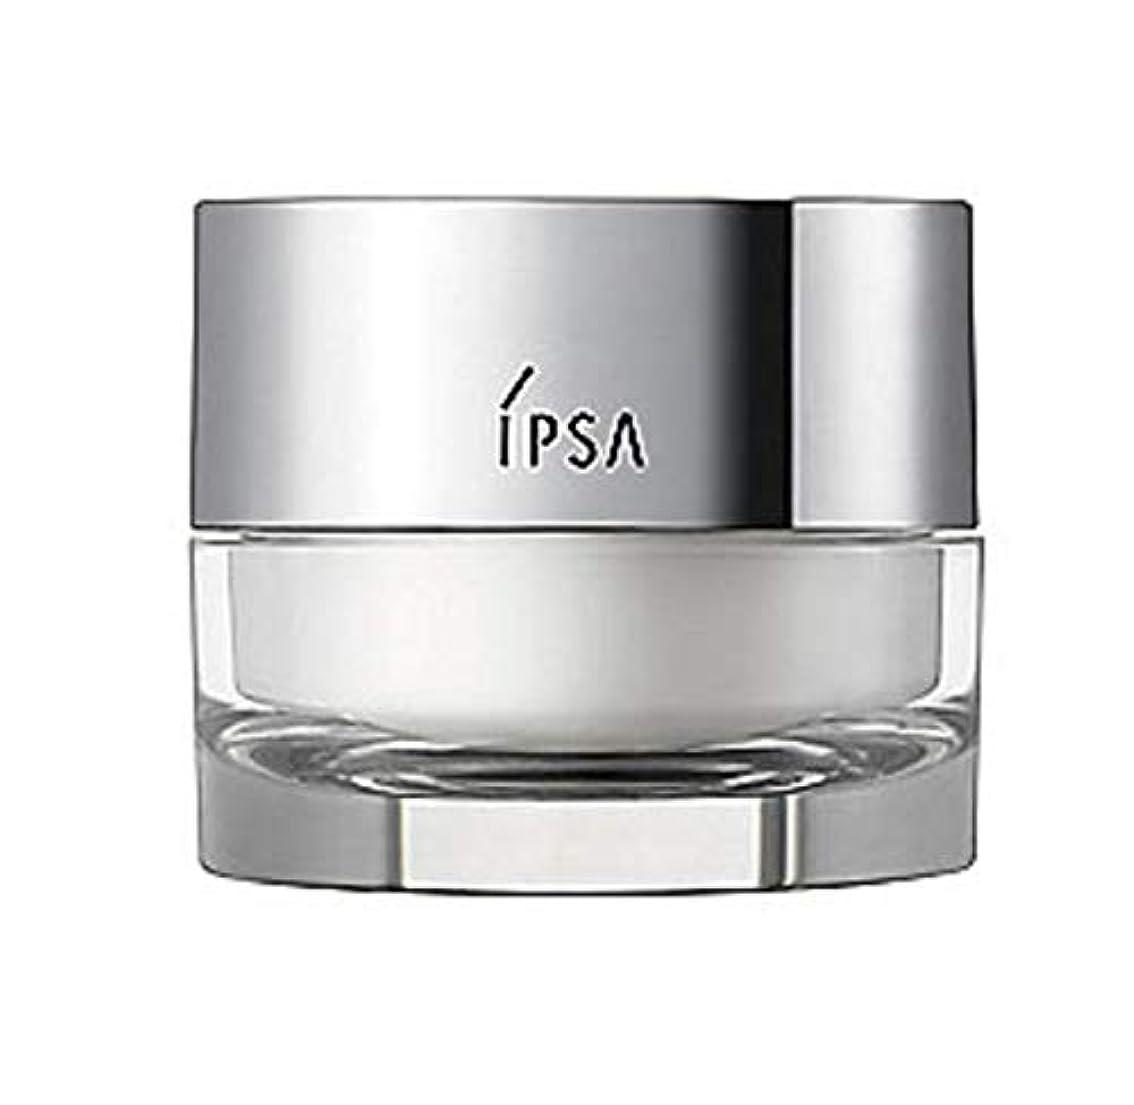 エンターテインメント貧しいつぼみ【IPSA(イプサ)】ターゲットエフェクト S_30g(クリーム)